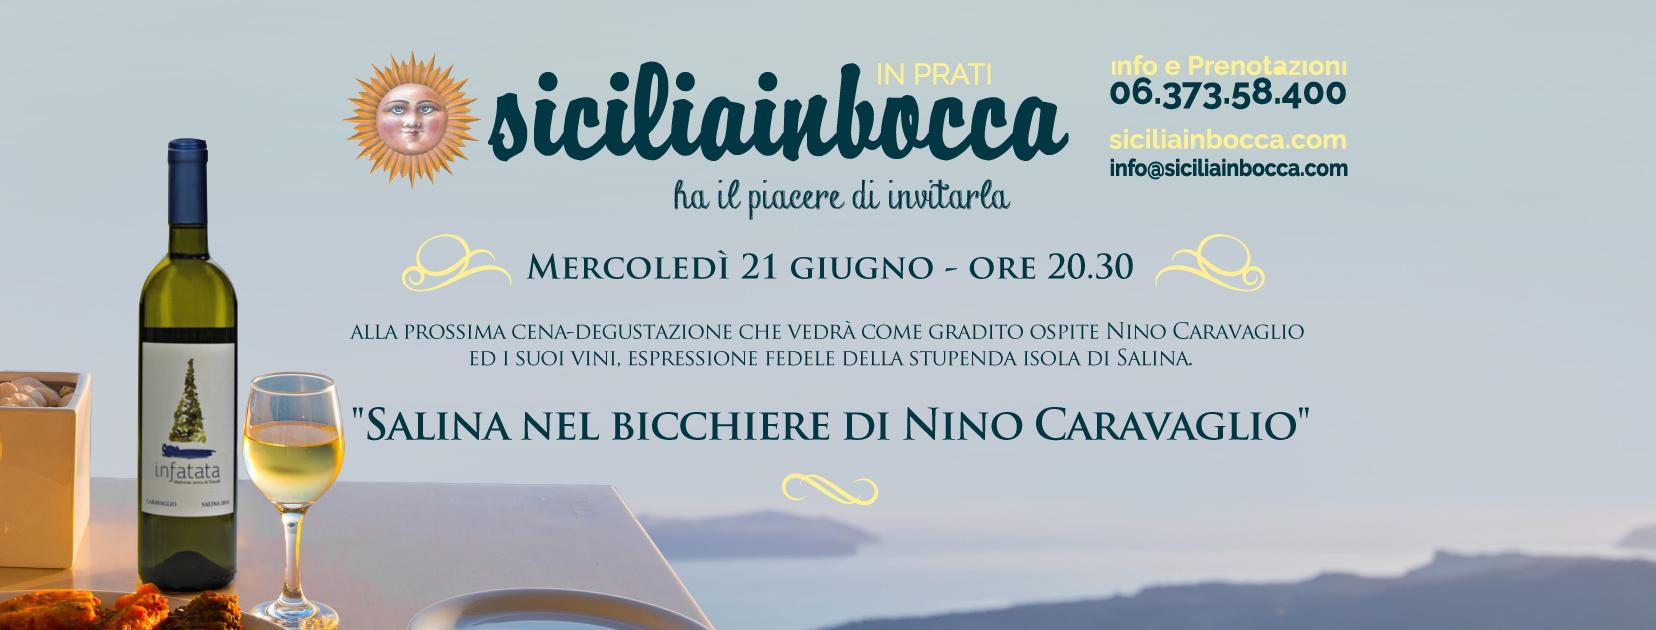 SiciliaInBocca-banner-fb-01